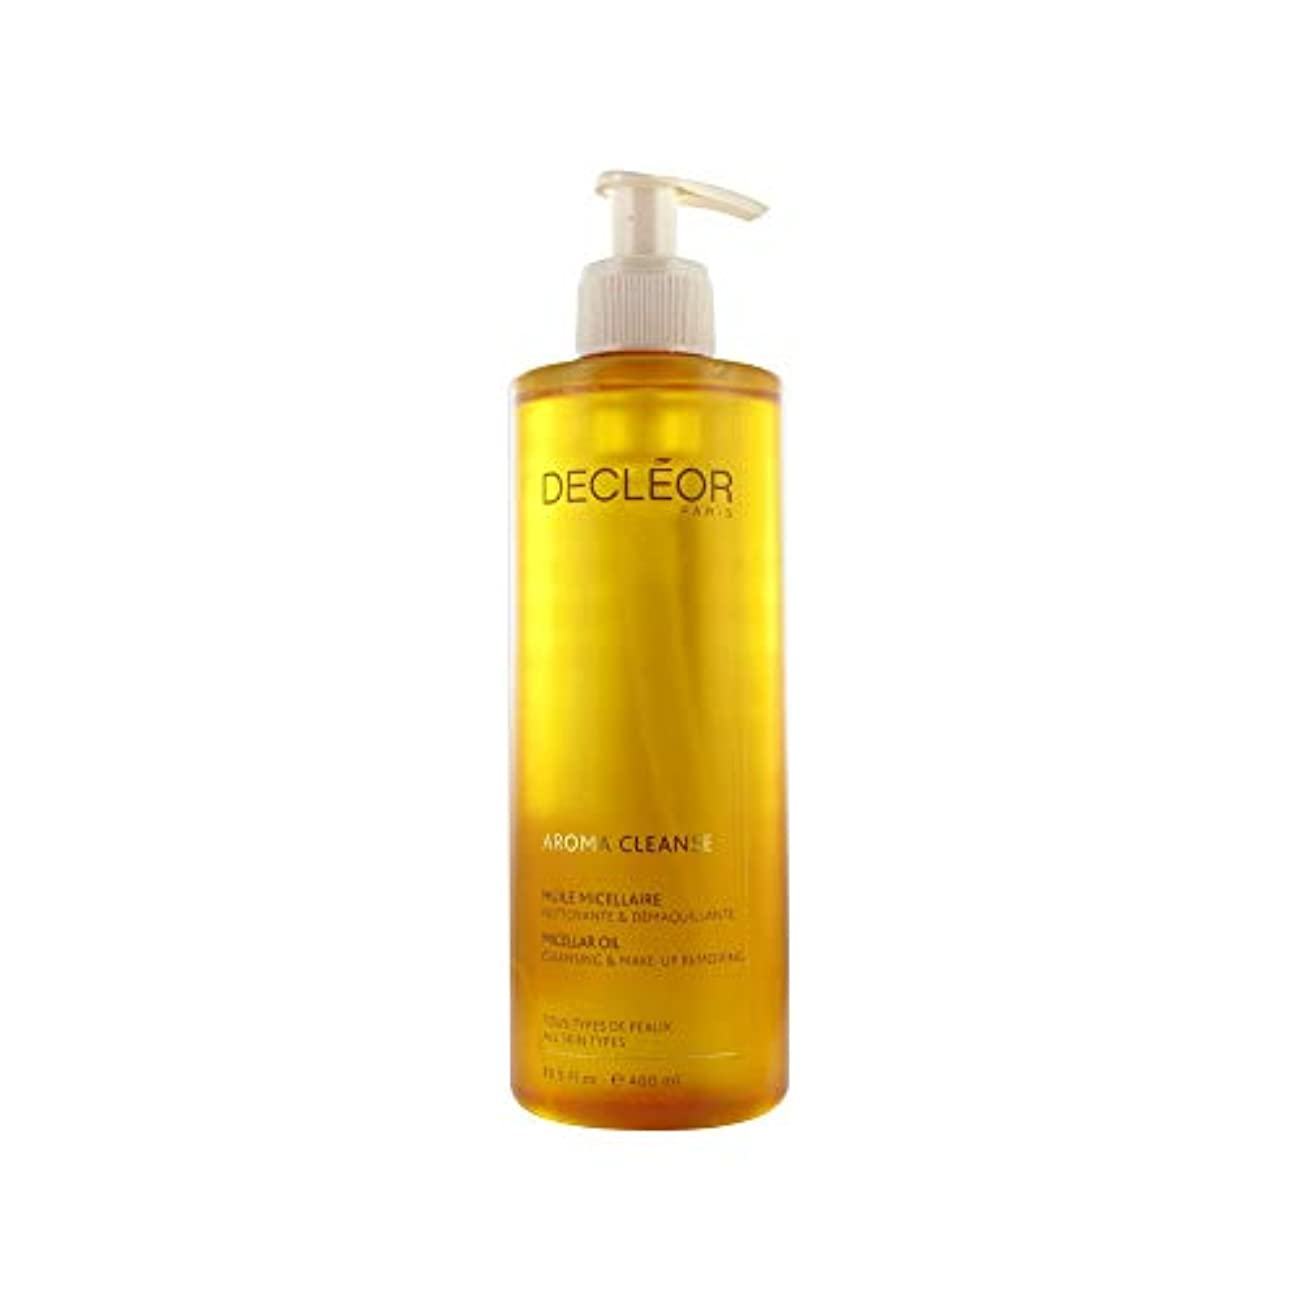 神煩わしいどこかデクレオール Aroma Cleanse Micellar Oil (Salon Size) 400ml/13.5oz並行輸入品